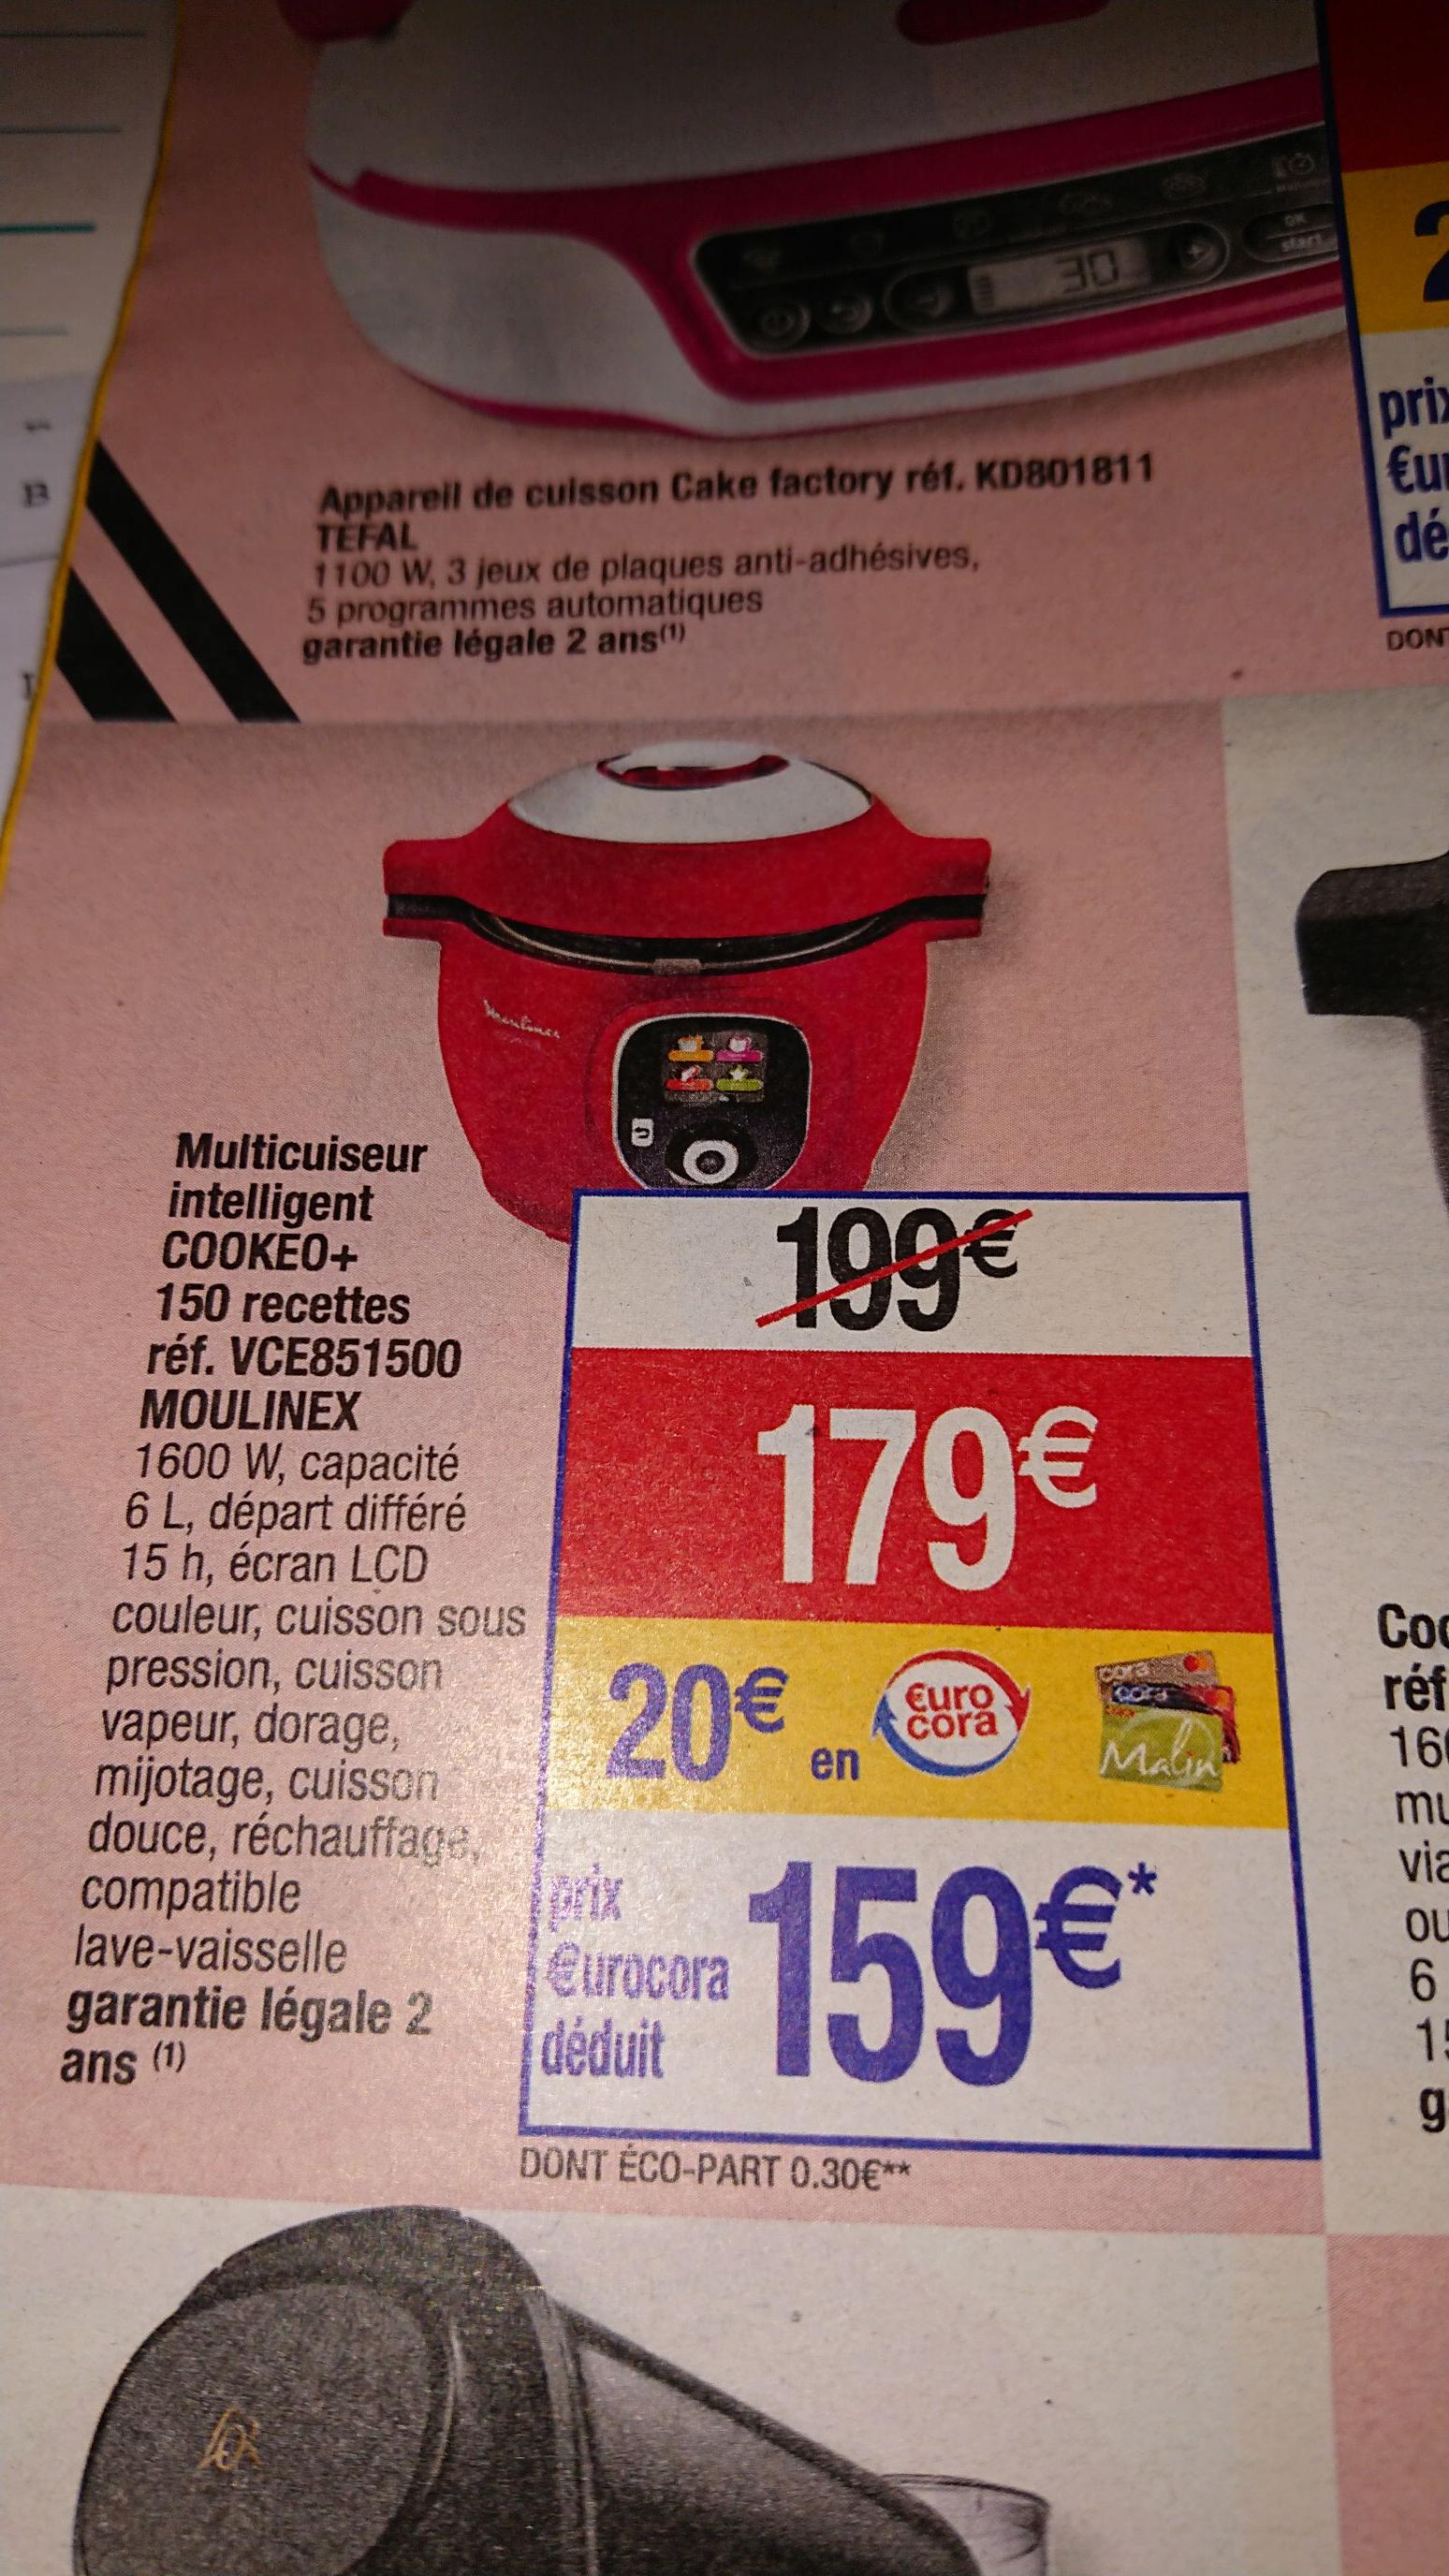 Multicuiseur Moulinex Cookeo CE851500 + 150 Recettes (avec 20€ en euroCora)